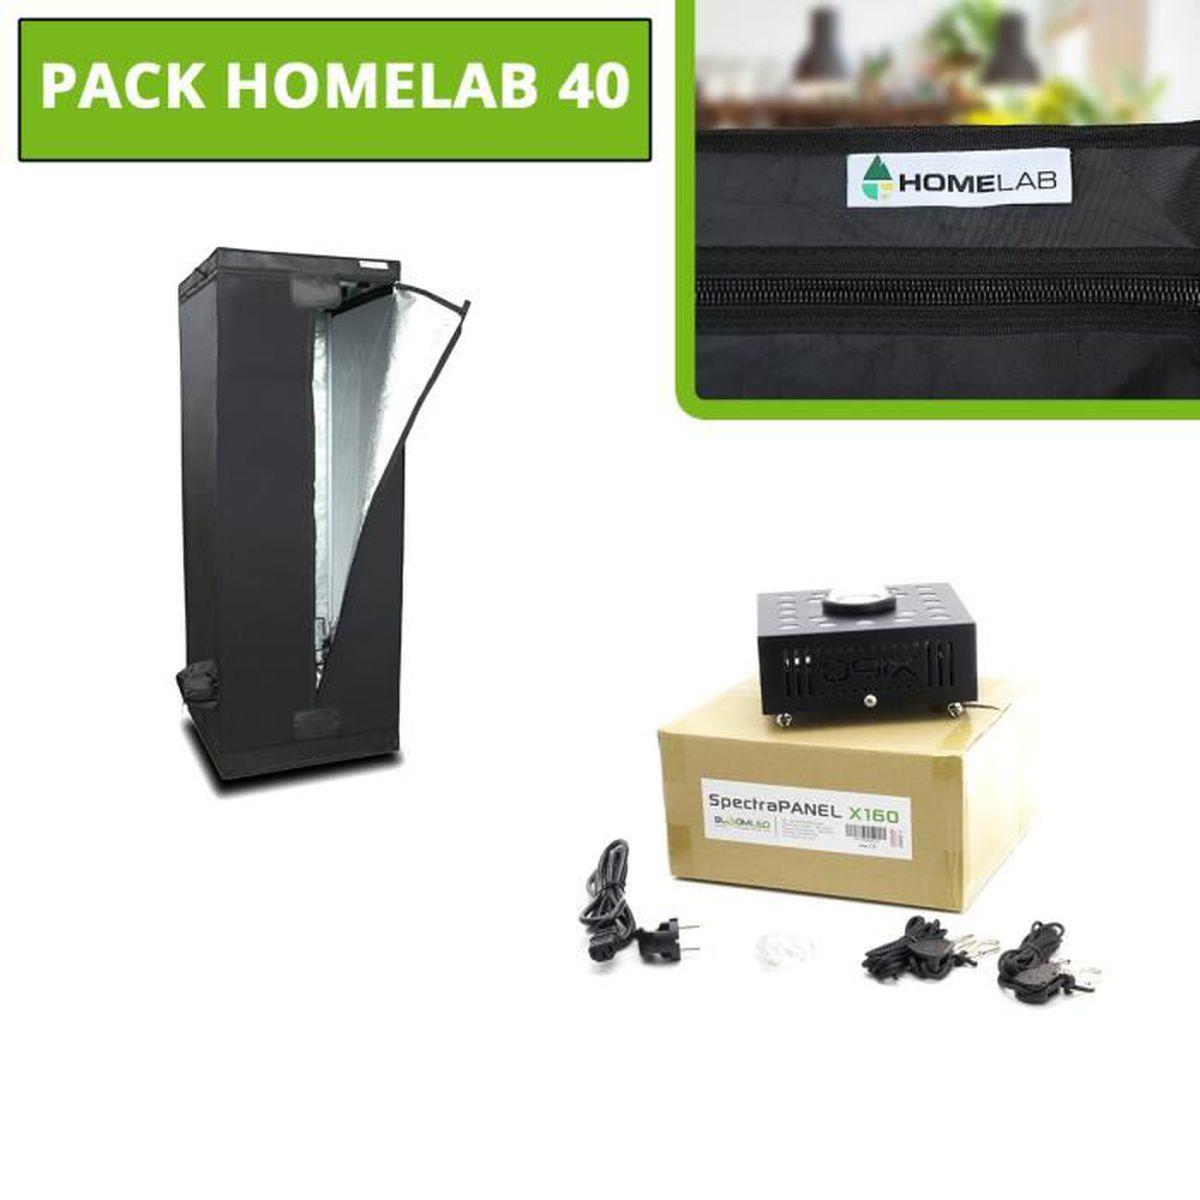 Pack HomeLAB - SpectraPANEL X160 - Chambre de culture - Lampe horticole LED  - Croissance et floraison - Culture indoor